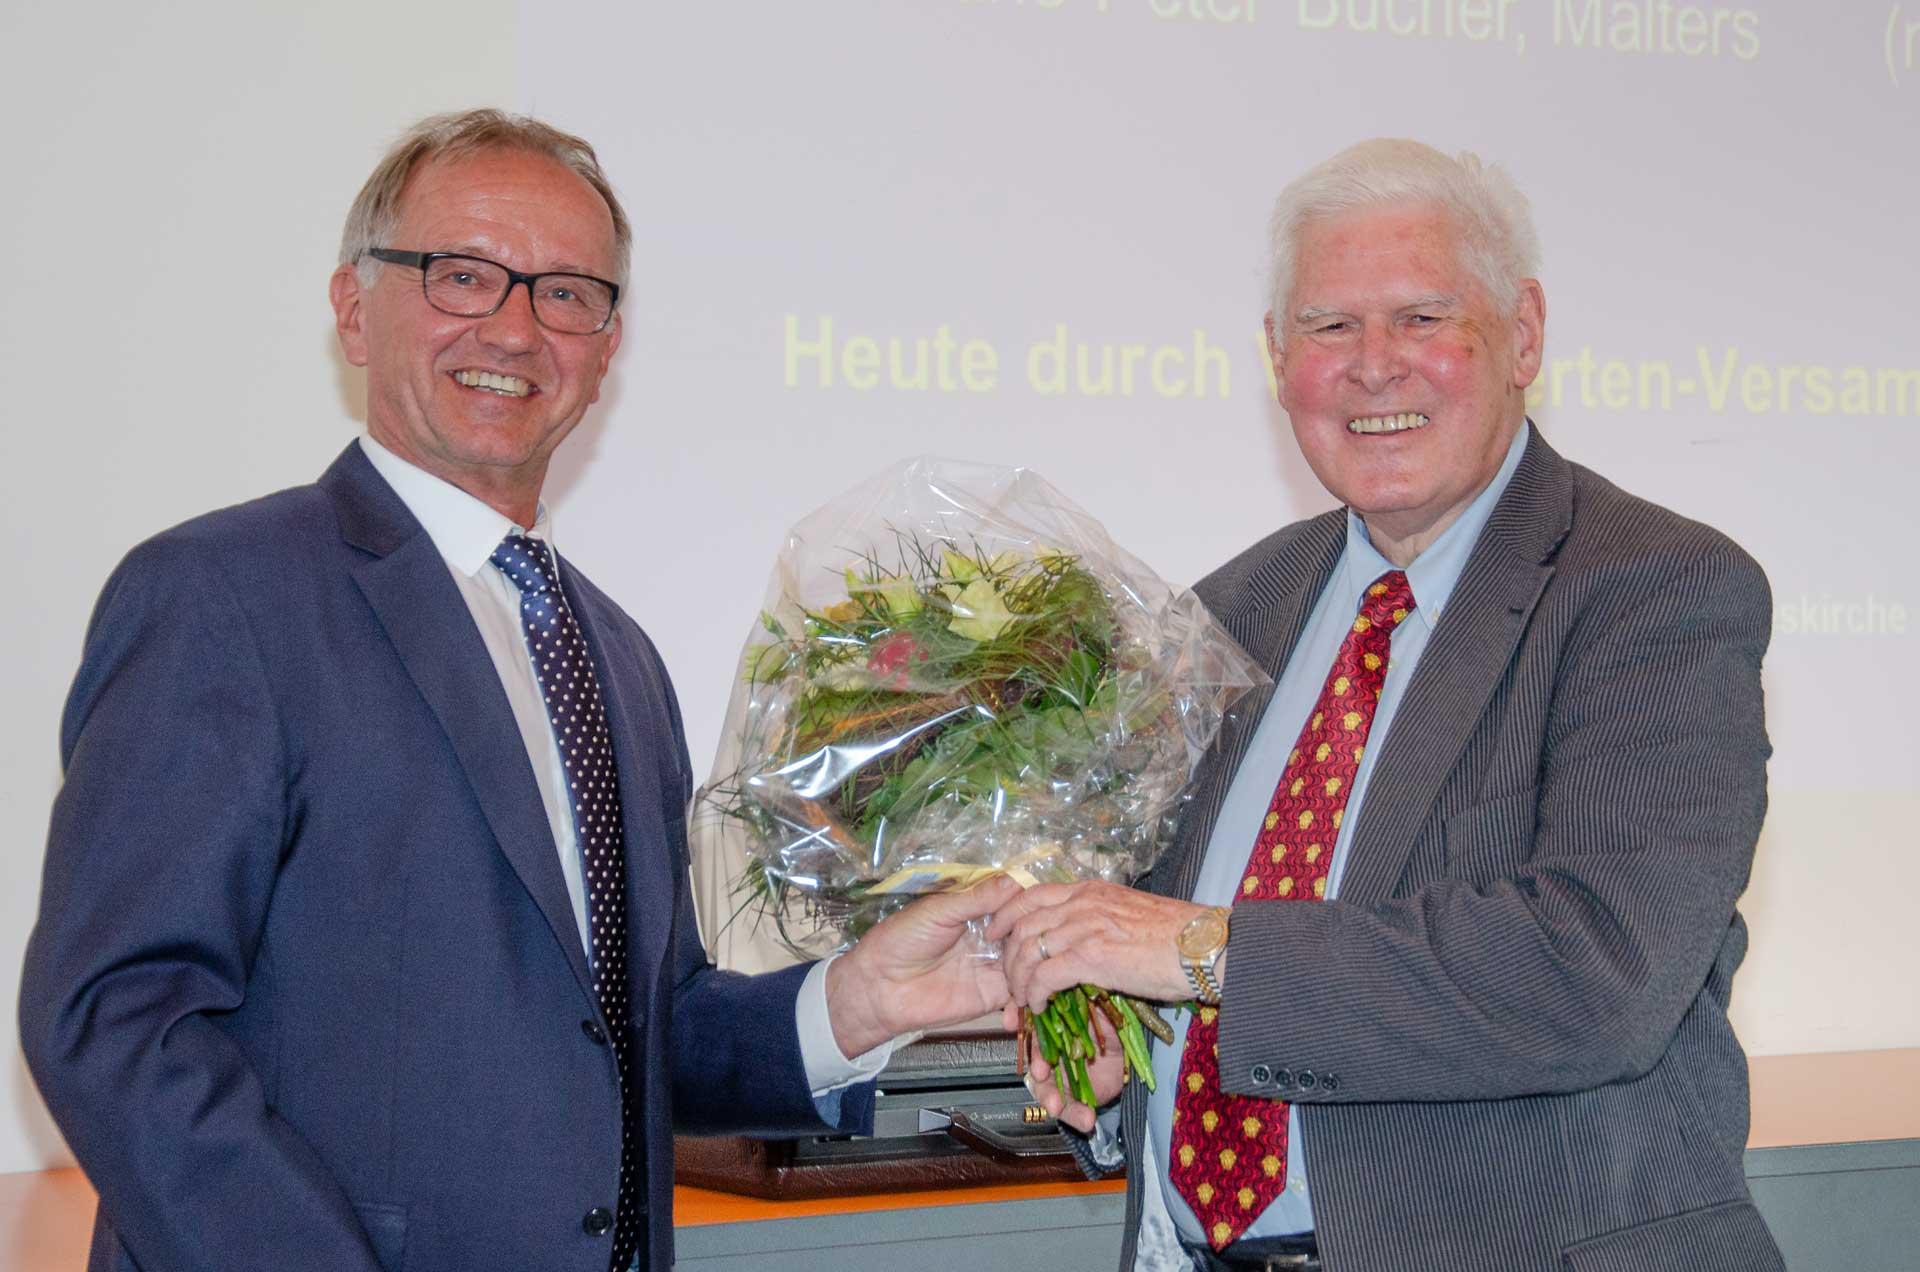 Pensionskassen-Verwalter Kurt Schaller (links) dankt dem scheidenen Präsidenten der Verwaltungskommission, Kurt H. Burkhalter.   © 2018 Gregor Gander